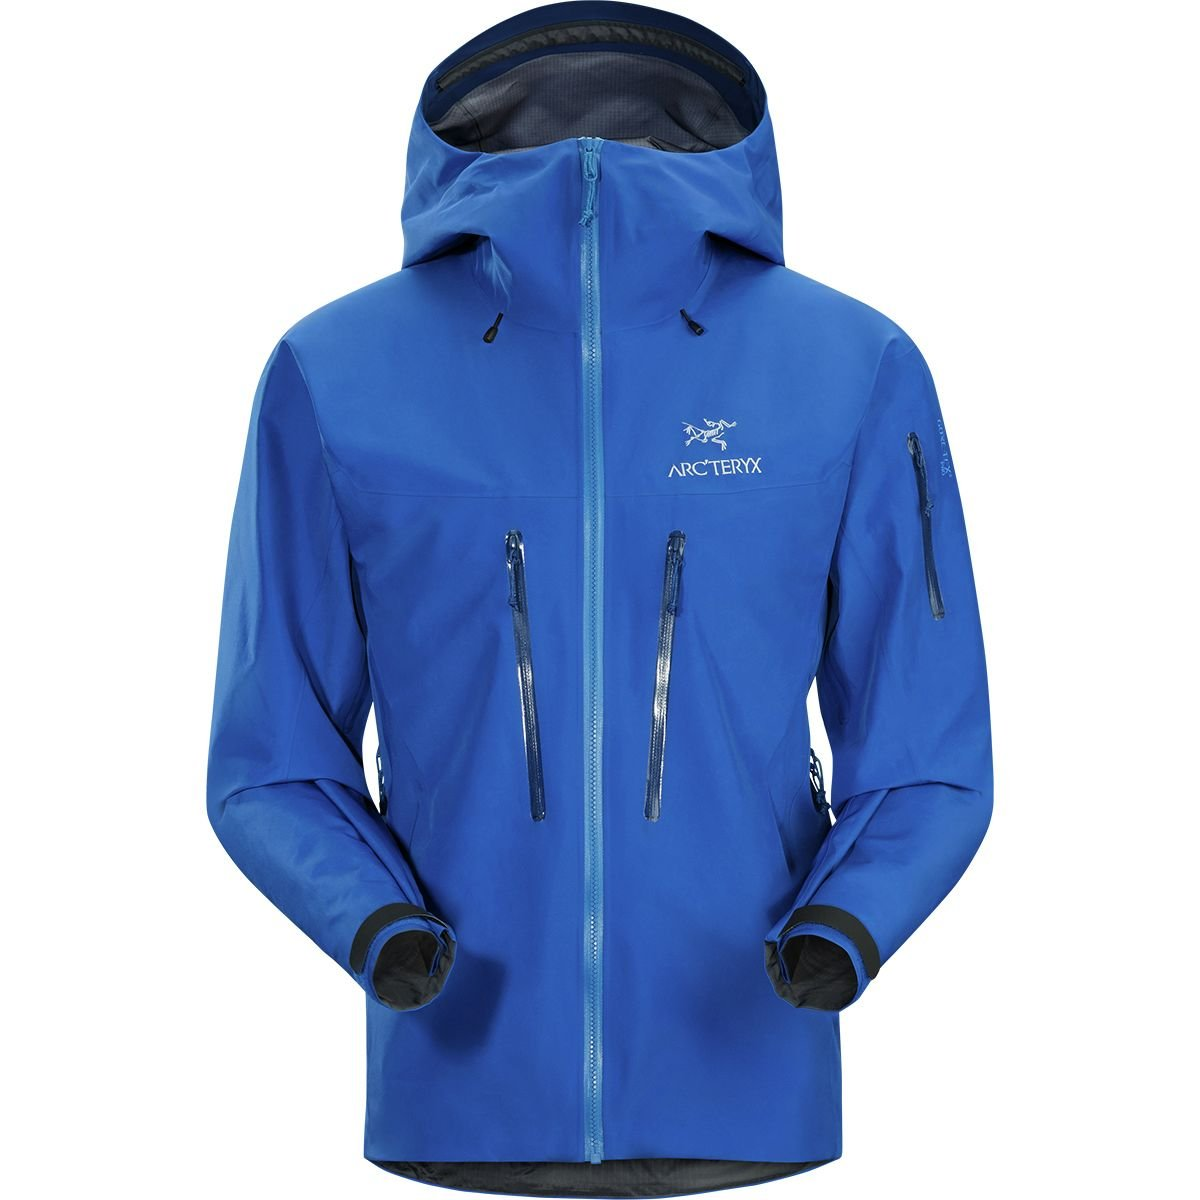 人気新品 [アークテリクス] メンズ ジャケット&ブルゾン S Alpha SV Jacket [並行輸入品] Jacket B07G4741MW SV S, ミラドールトモダ:a2055e5a --- ballyshannonshow.com